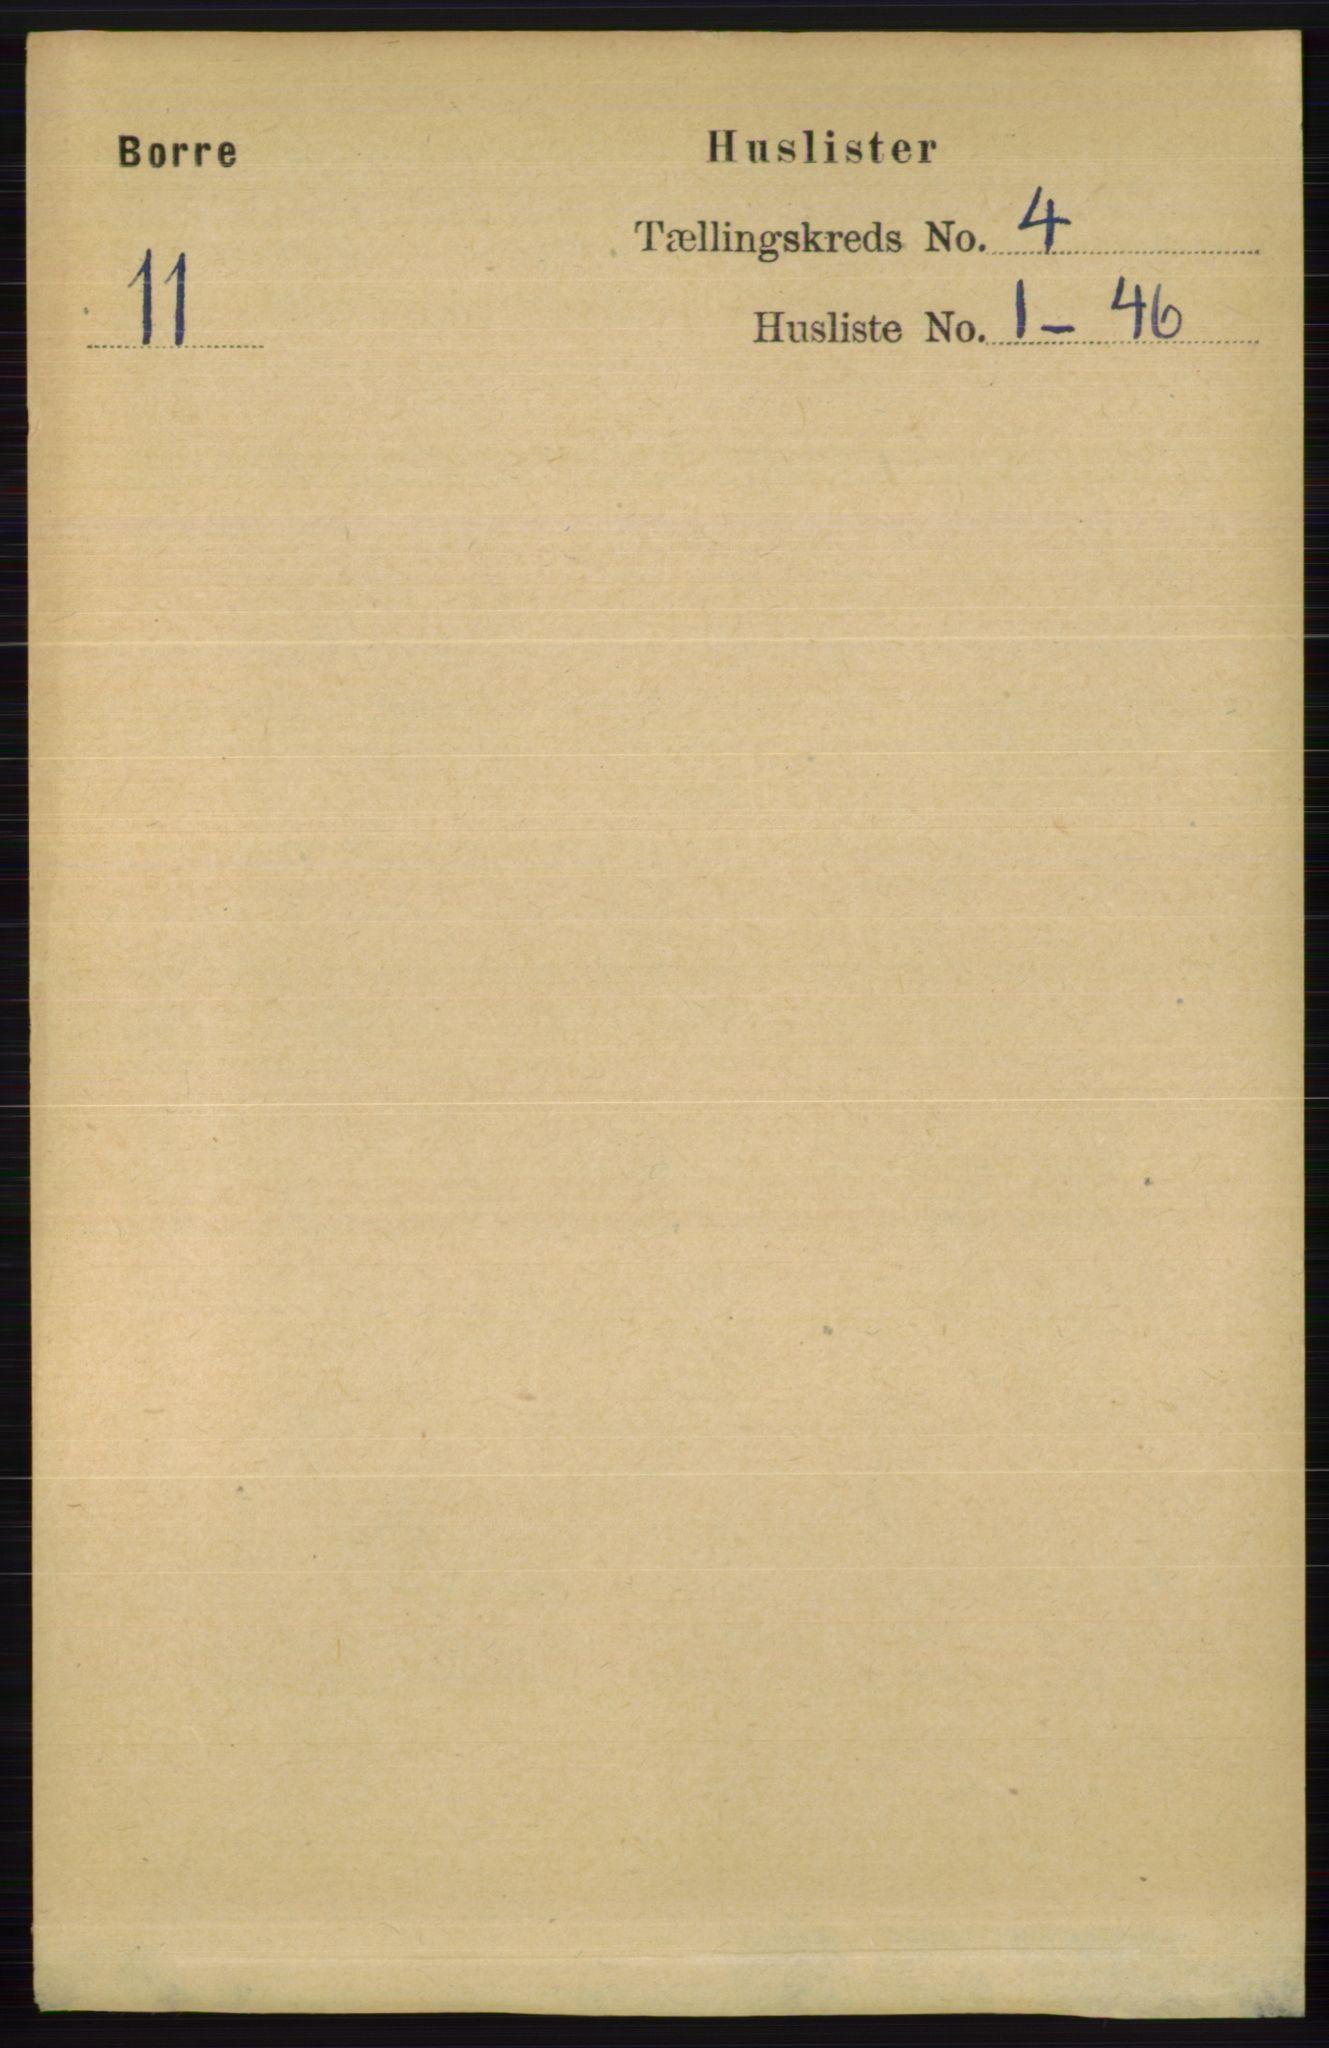 RA, Folketelling 1891 for 0717 Borre herred, 1891, s. 1617